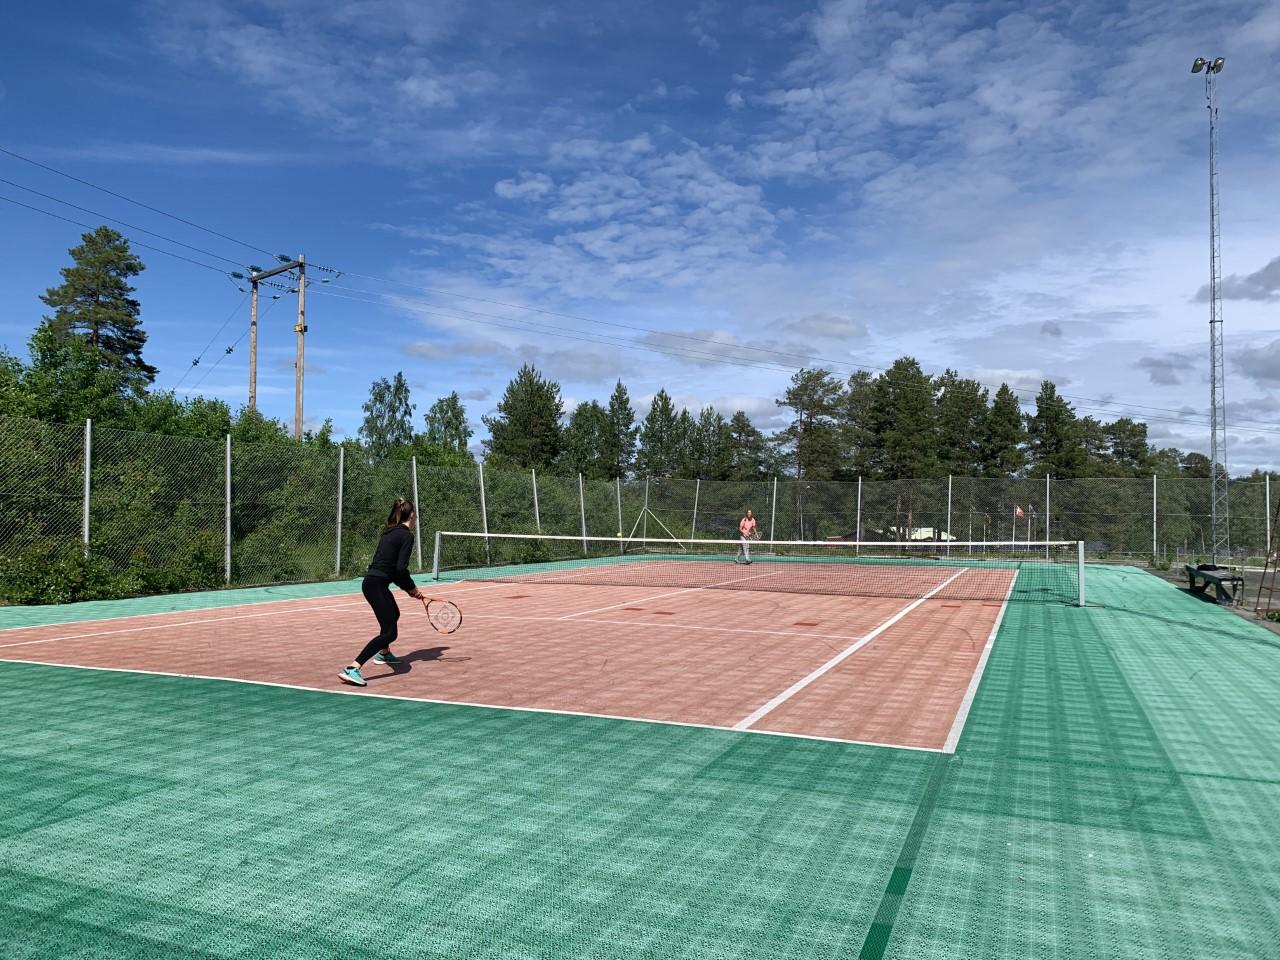 Tennisbanan sommar